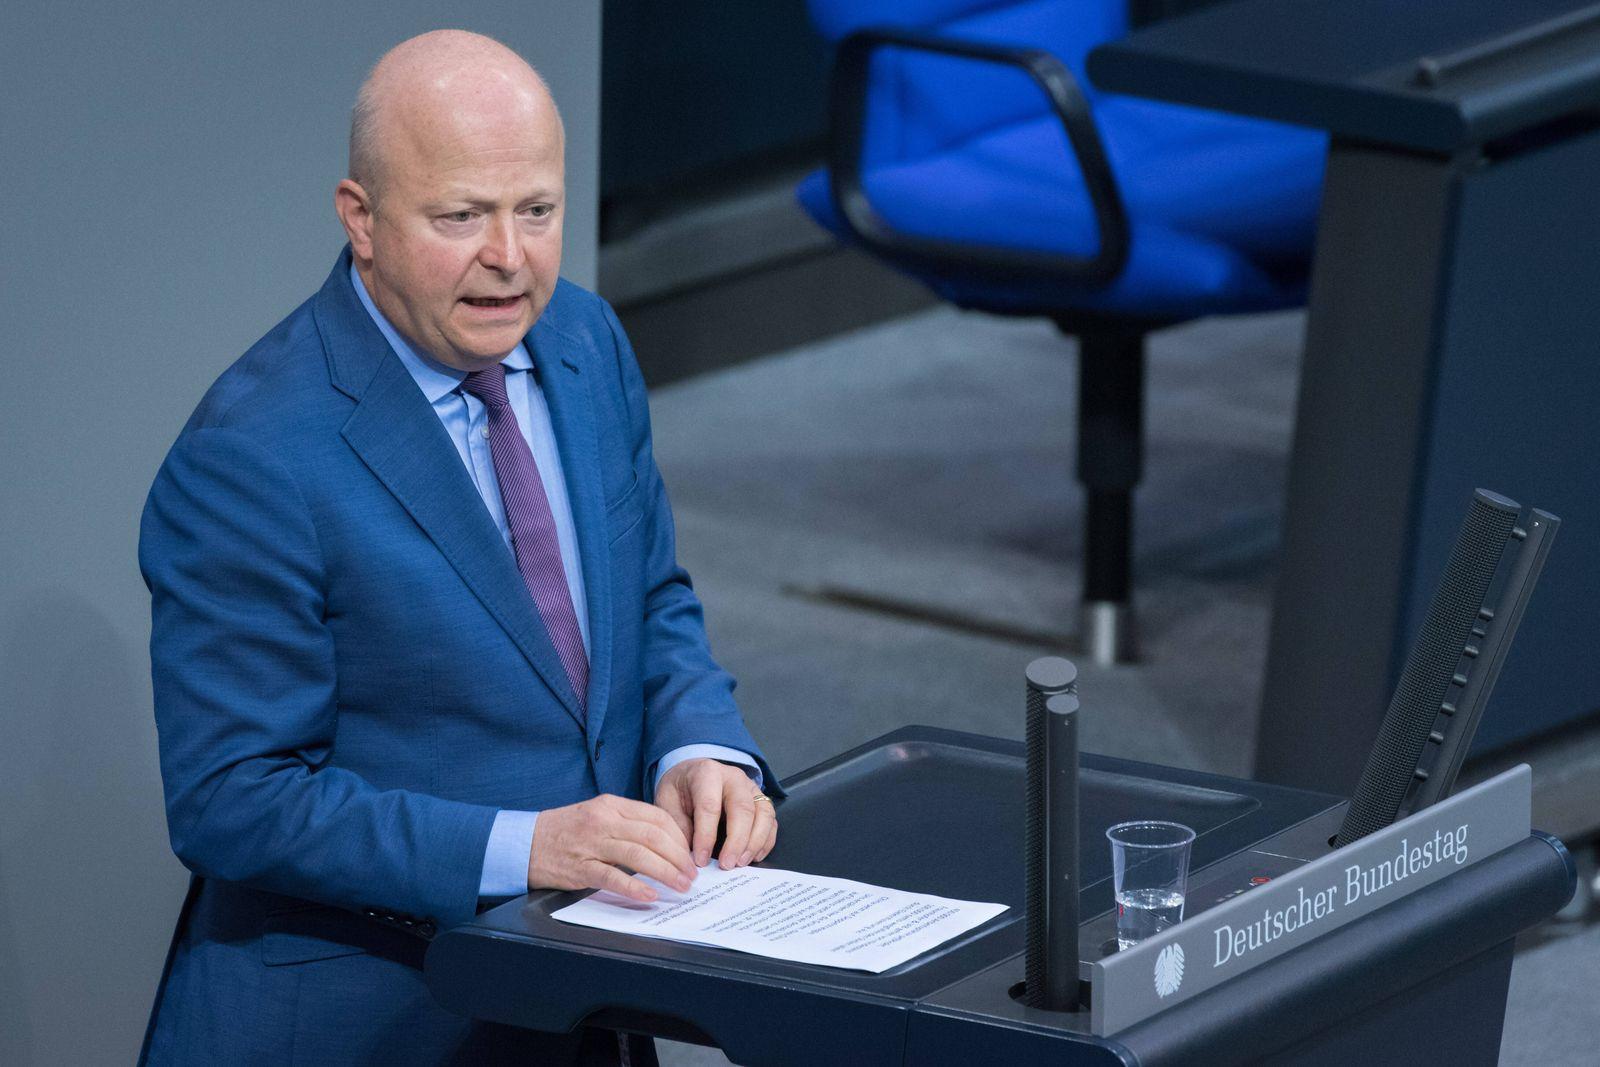 Berlin, Plenarsitzung im Bundestag Deutschland, Berlin - 06.11.2020: Im Bild ist Michael Theurer (fdp) während der Sitz